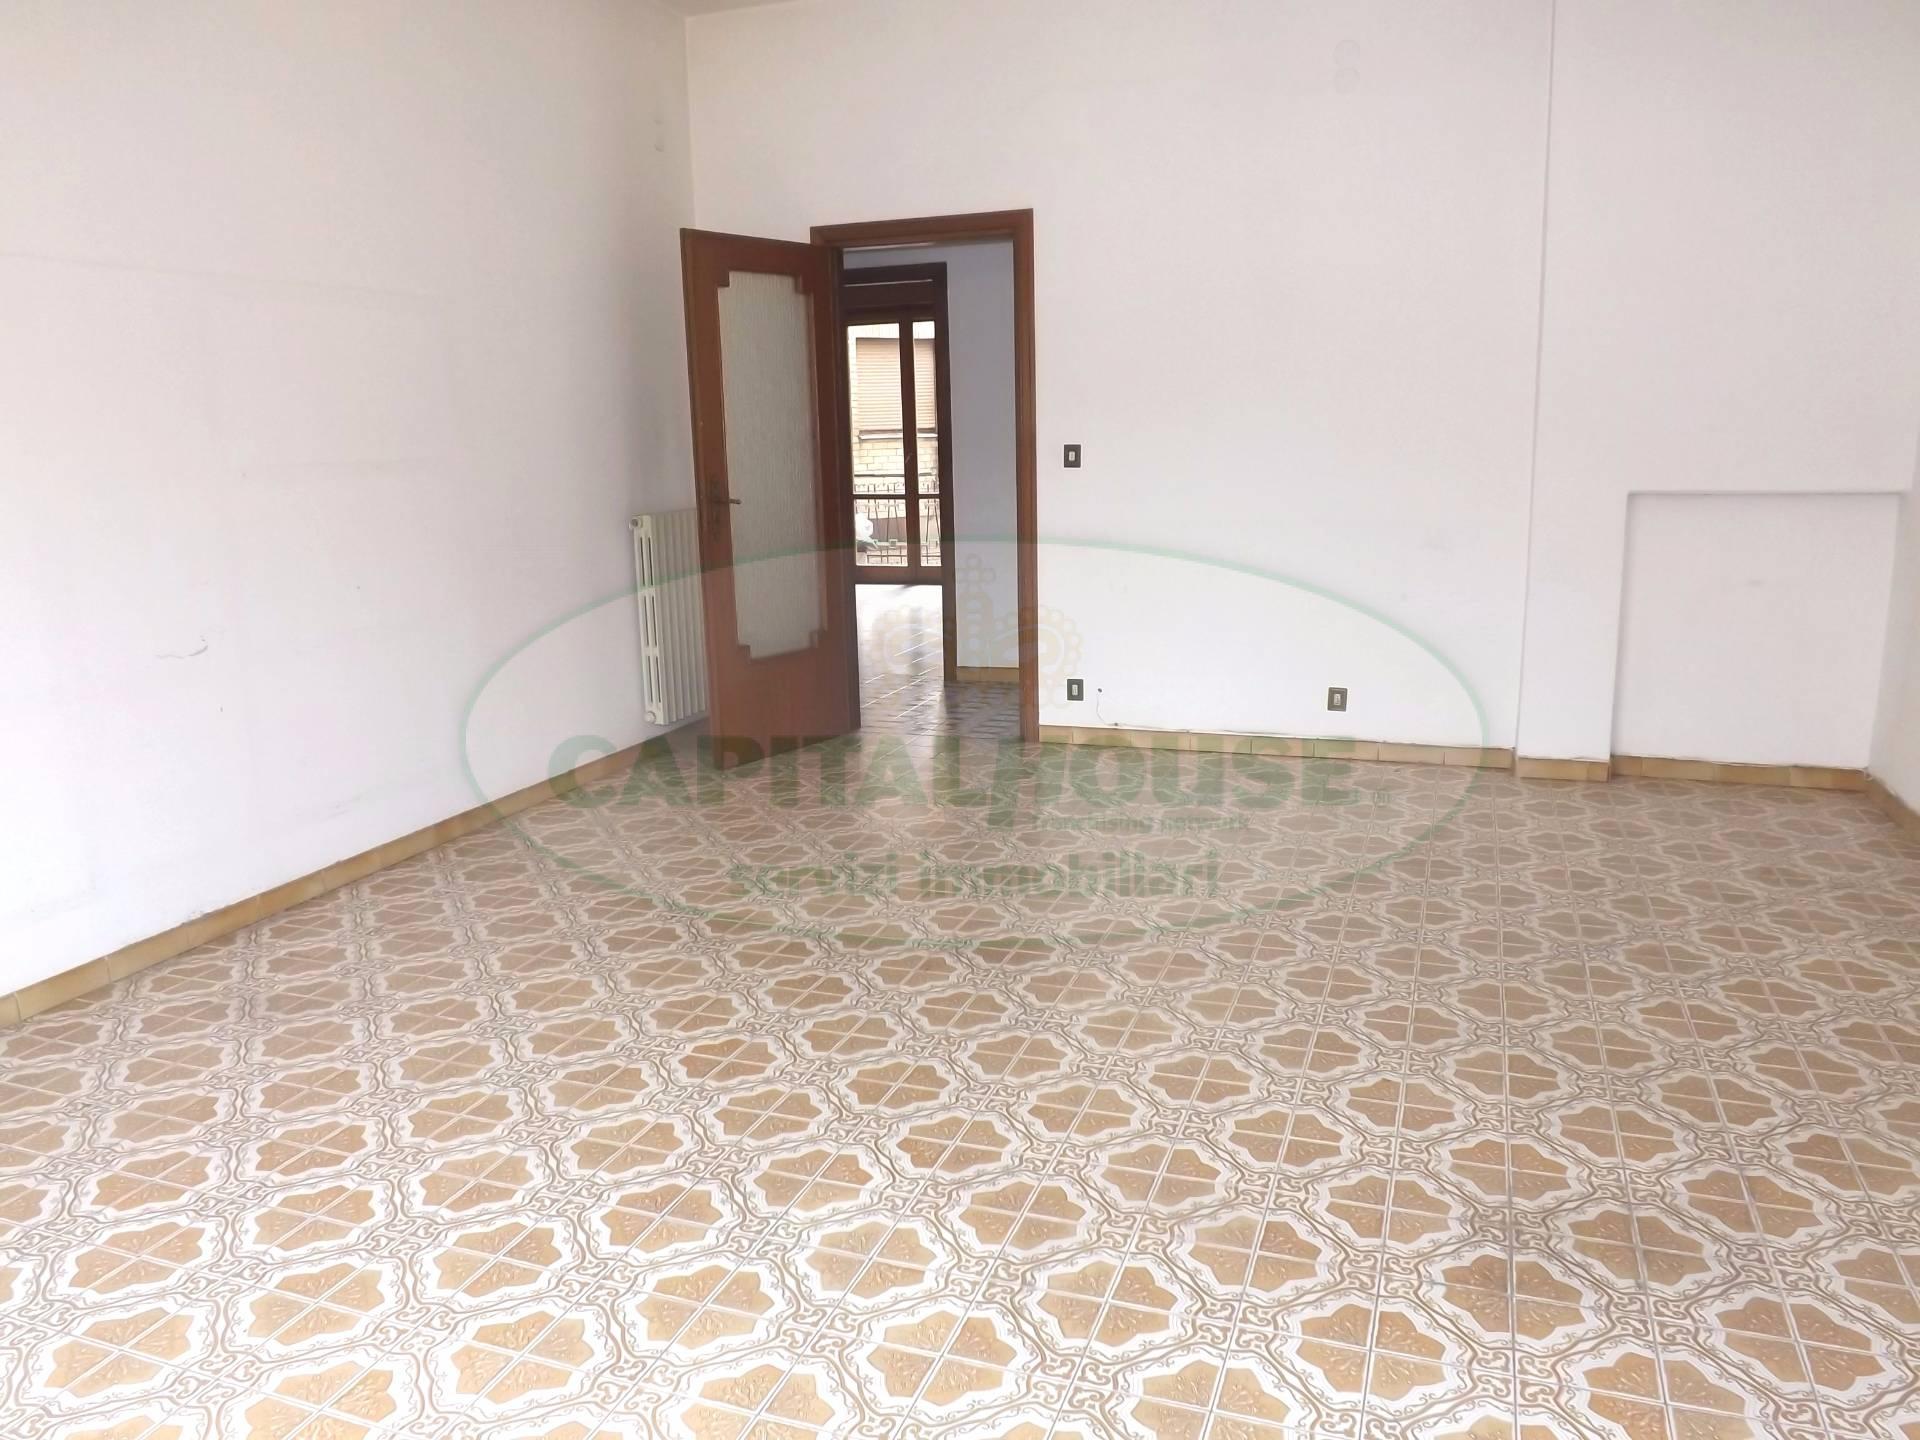 Appartamento in vendita a Atripalda, 3 locali, prezzo € 108.000 | CambioCasa.it